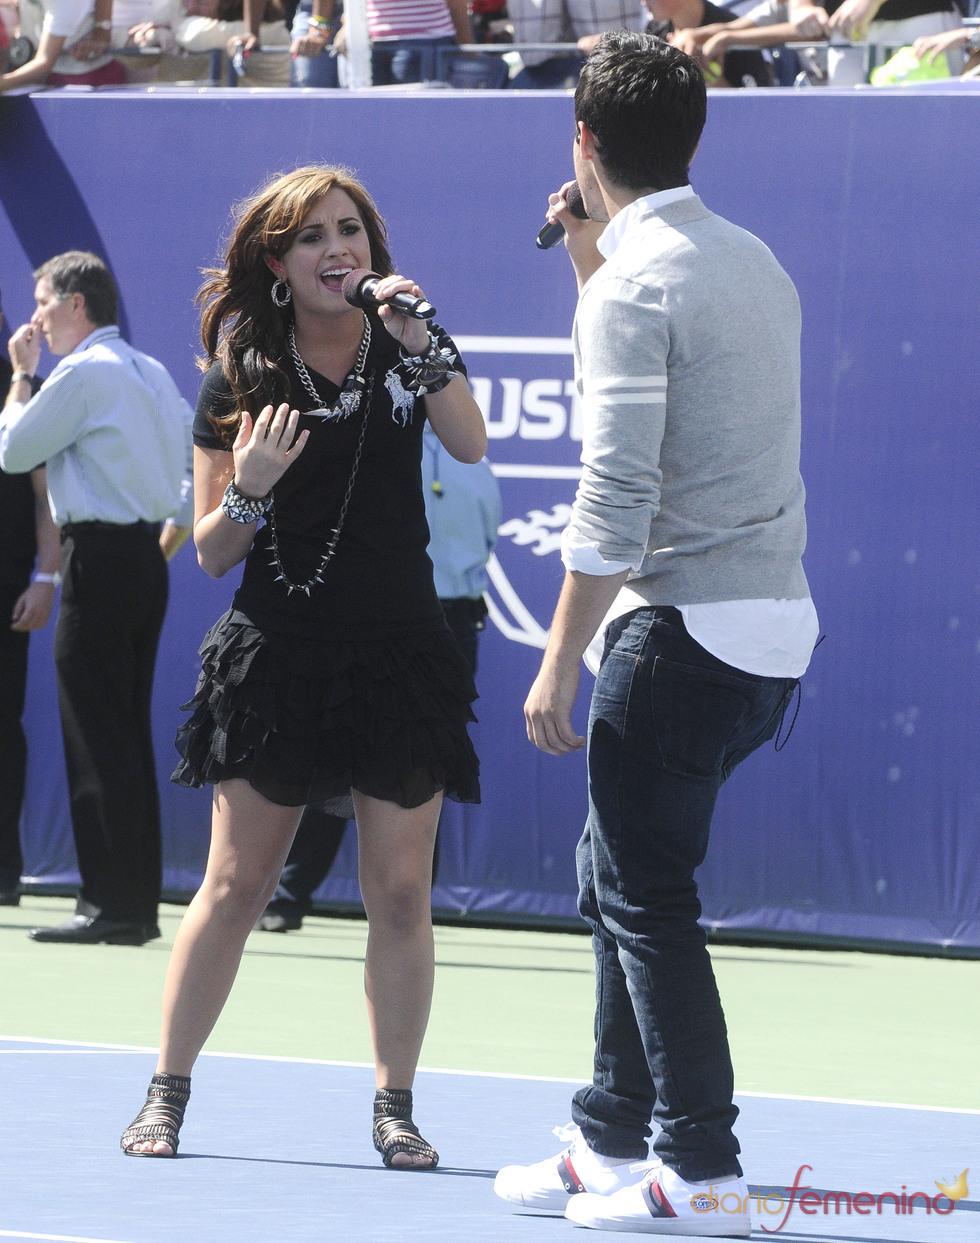 Actuación de Demi Lovato y Joe Jonas